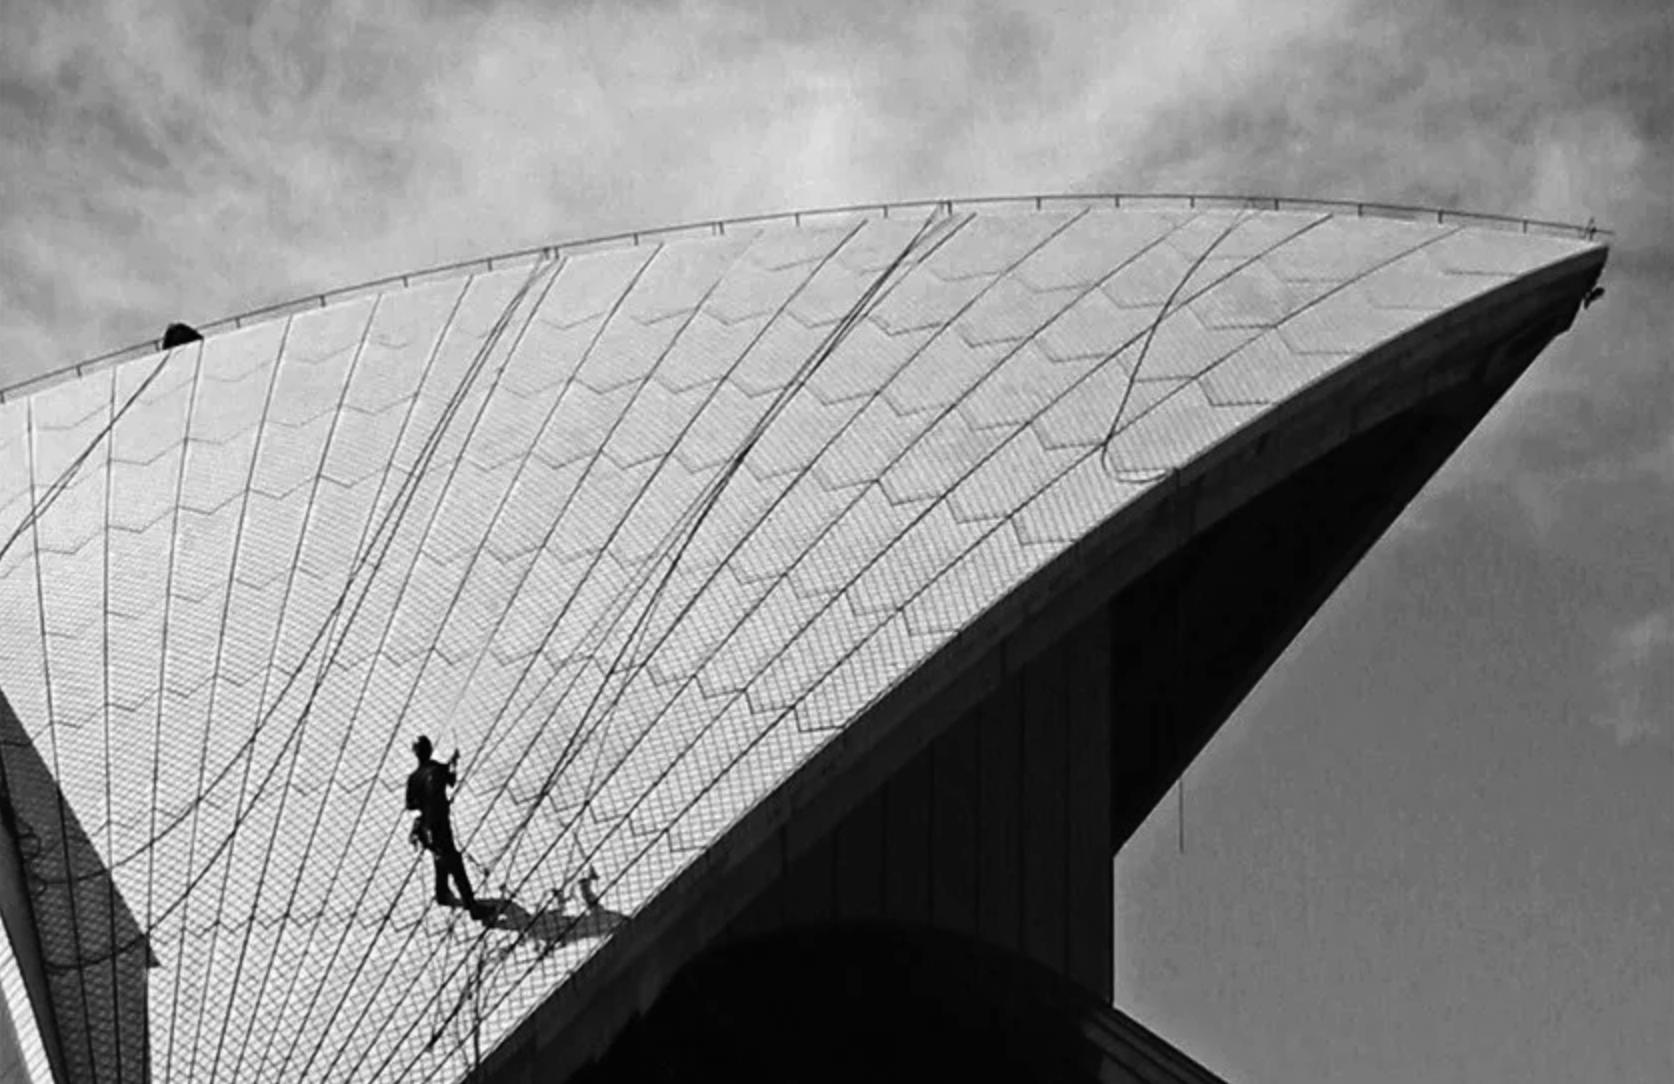 profissões em alta demanda na Austrália | Braustralia.com